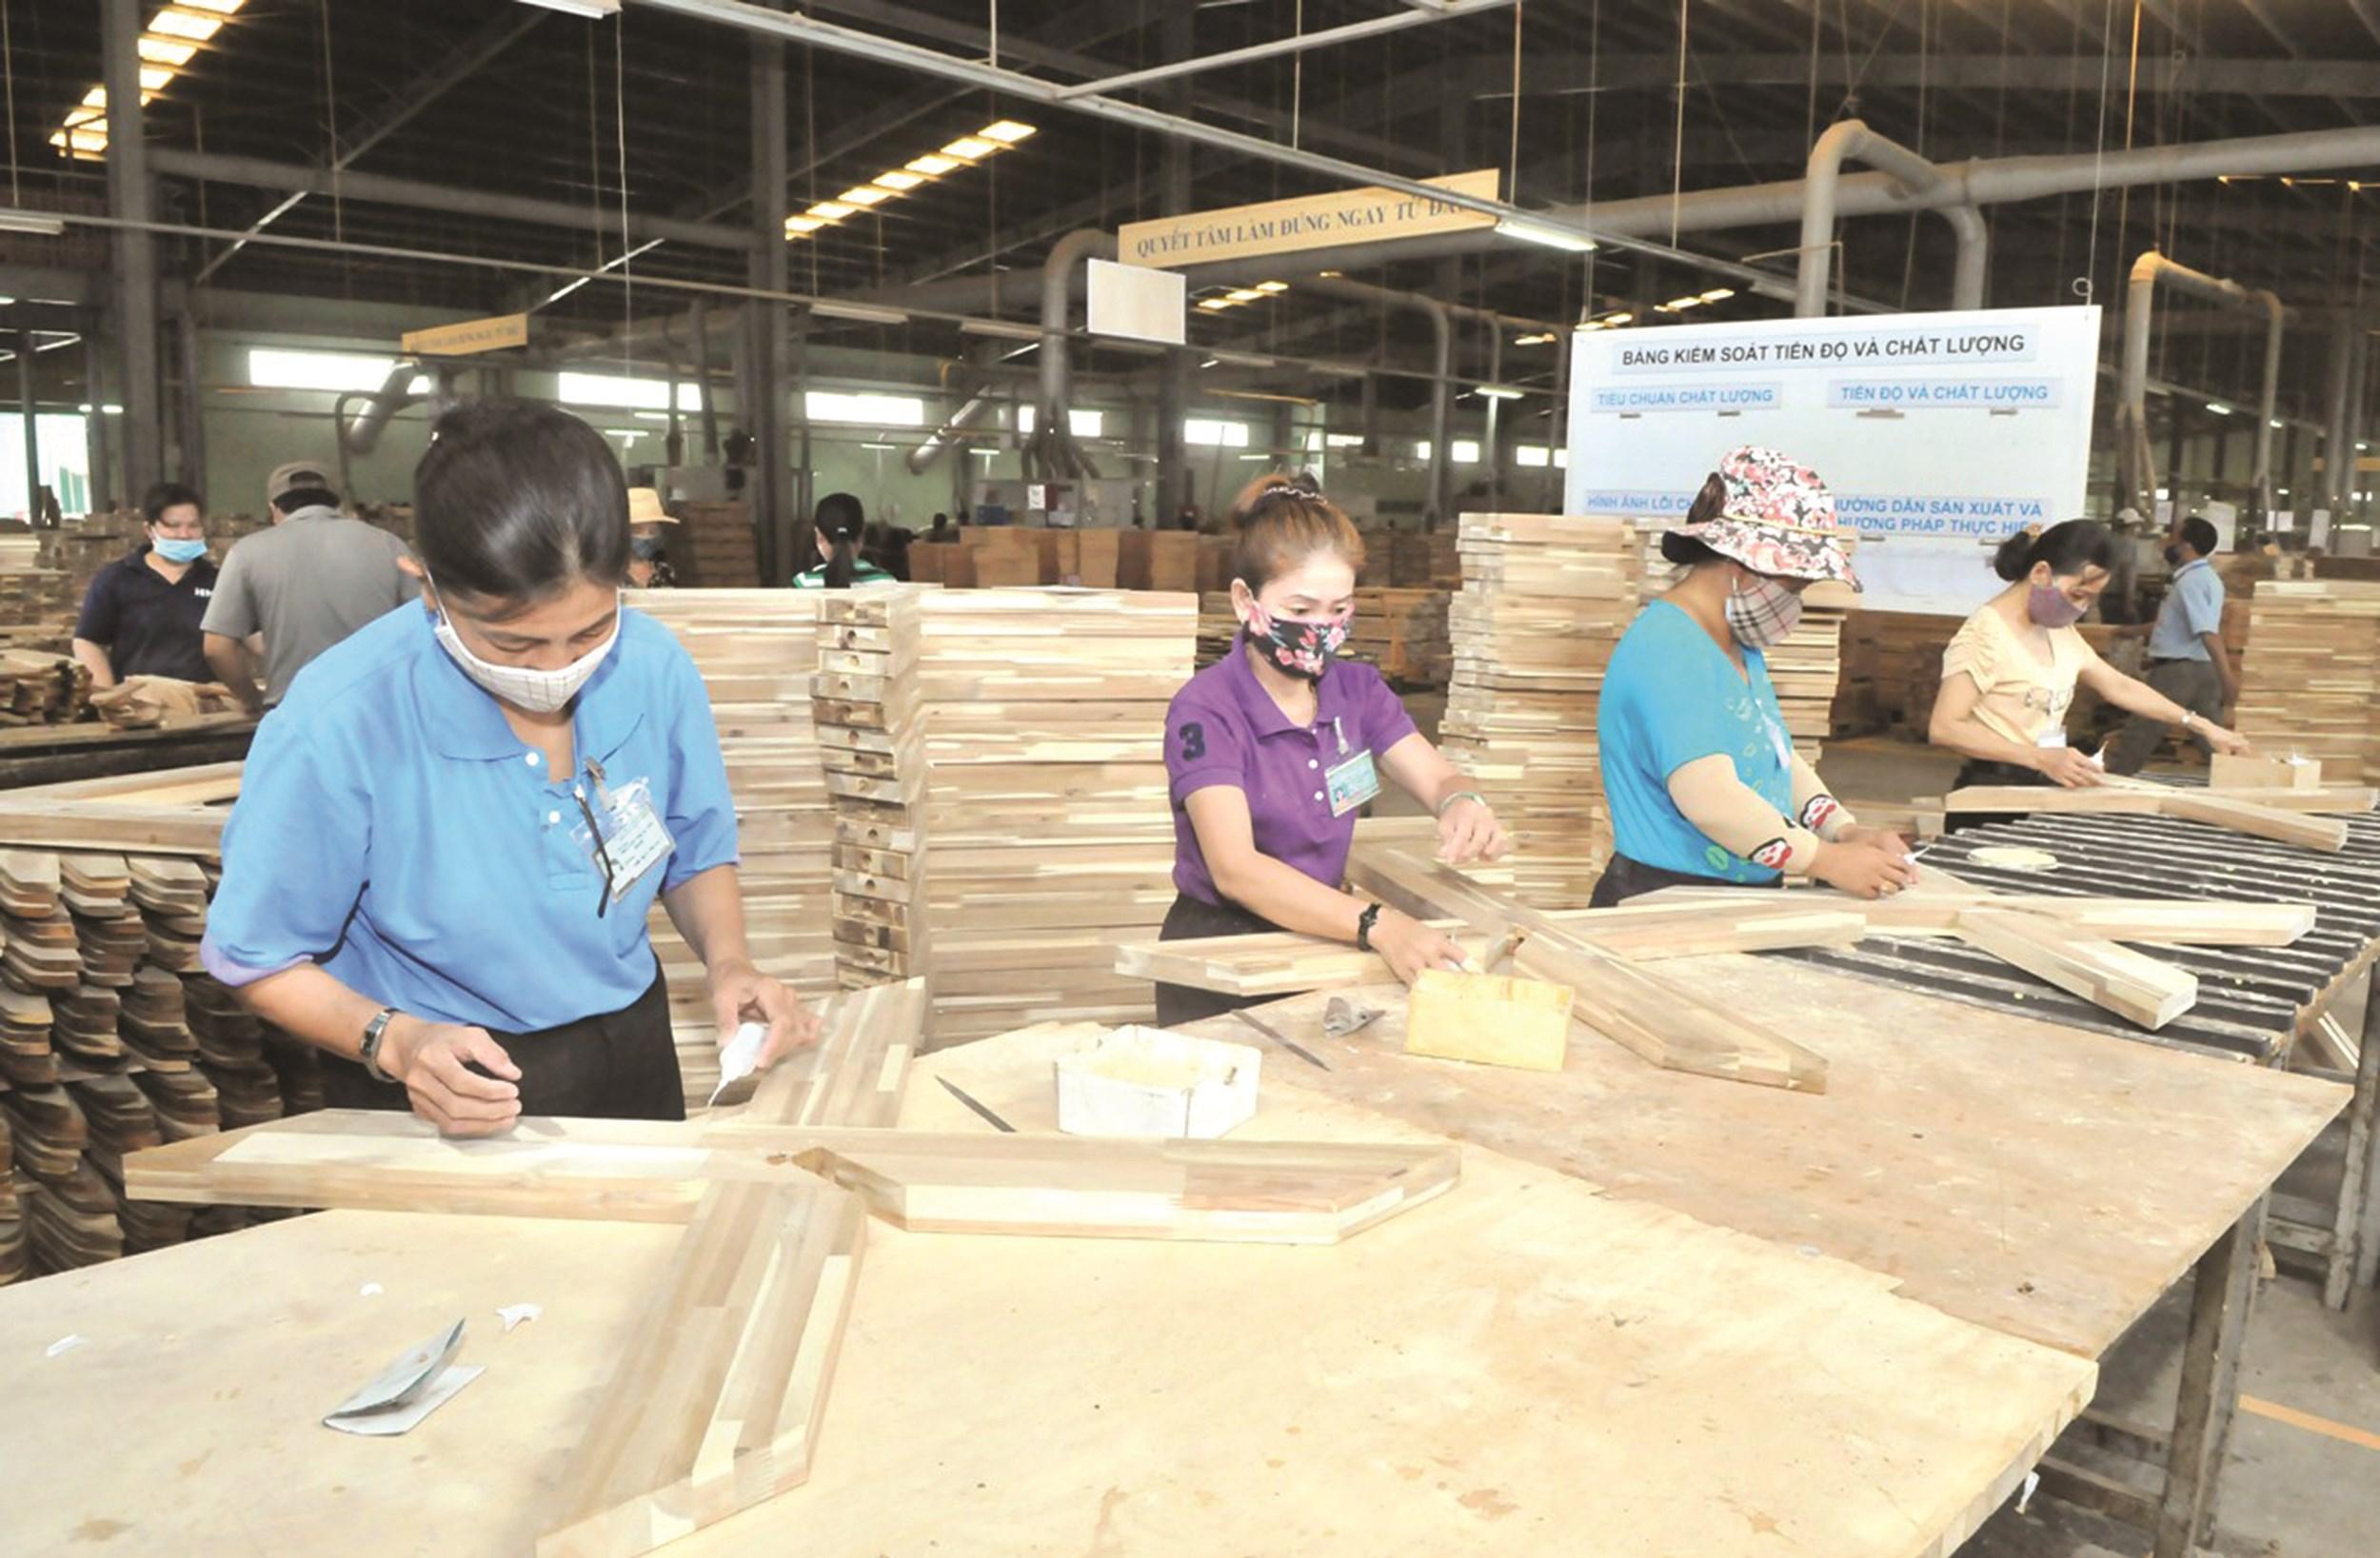 Ứng dụng khoa học công nghệ trong ngành Công nghiệp chế biến gỗ đem lại giá trị lợi nhuận, tăng tính cạnh tranh cho các doanh nghiệp trên thị trường thế giới.  Ảnh tư liệu.